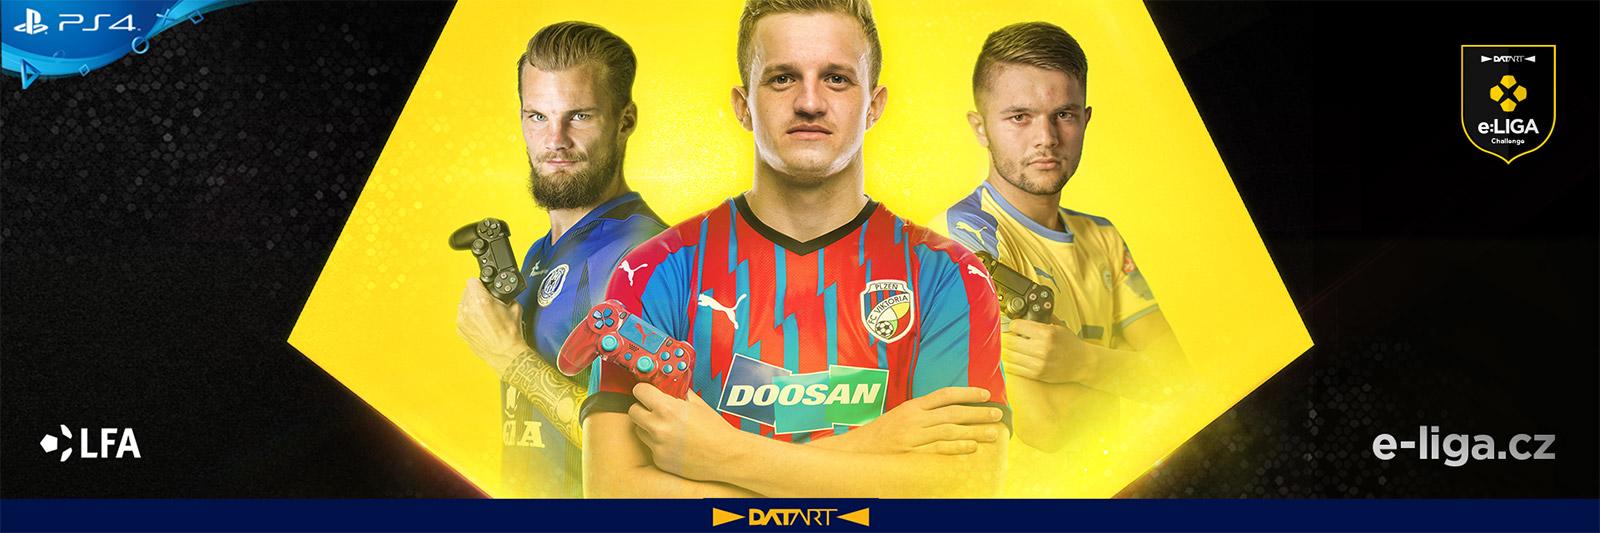 datart-e-liga-challenge-play-off